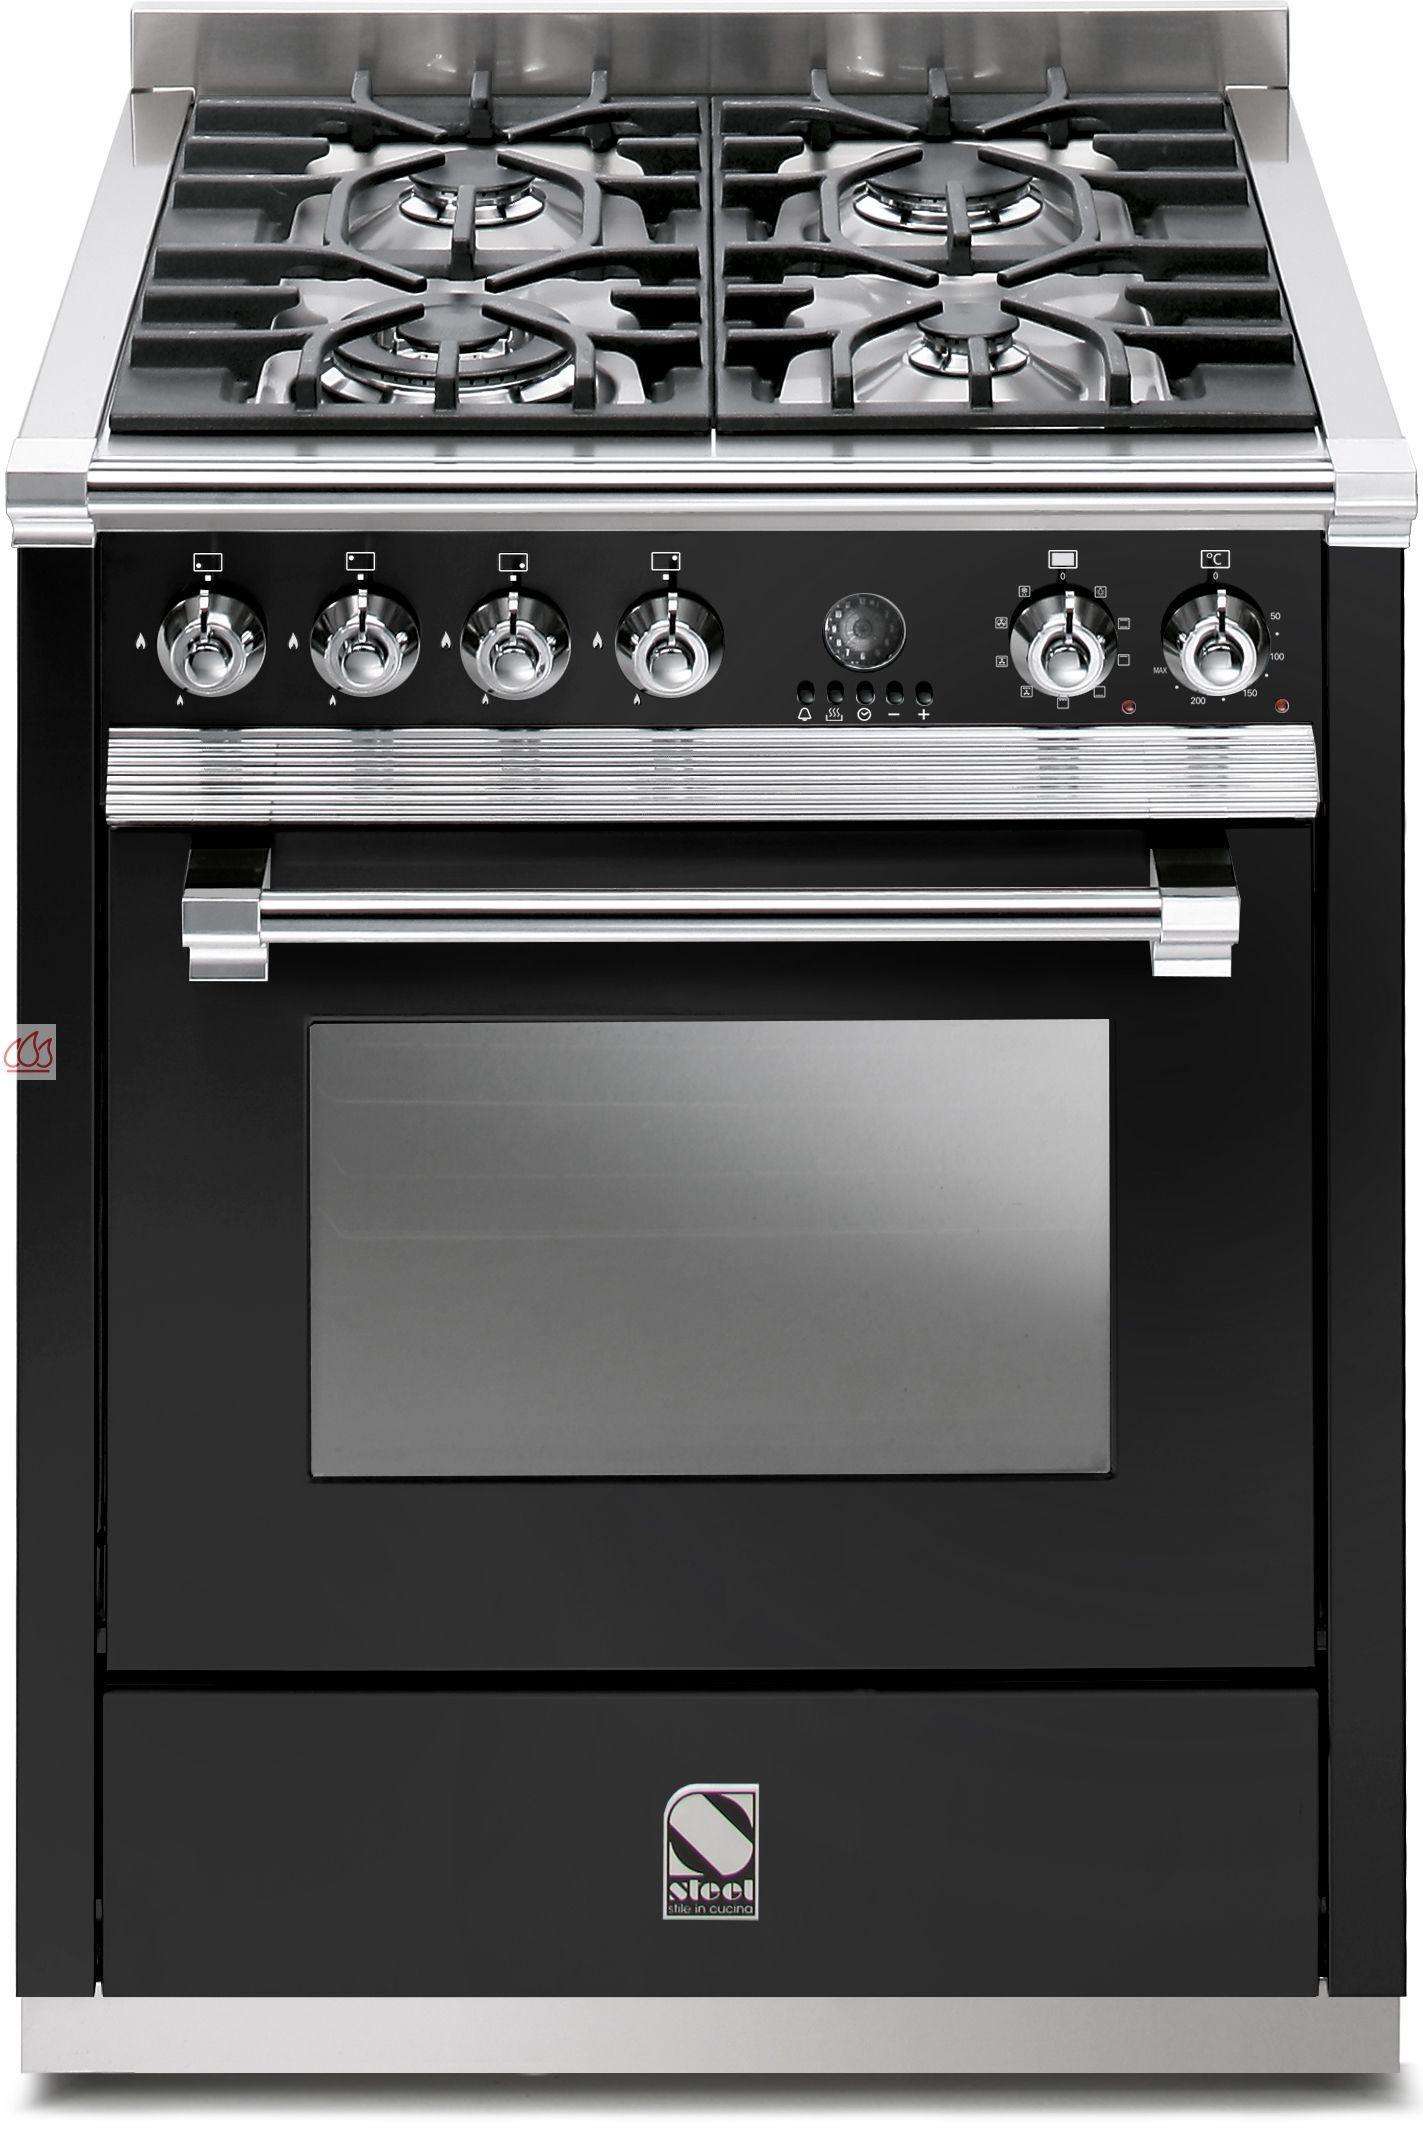 piano de cuisson avec 1 four combin vapeur table de cuisson personnalisable steel cucine ec. Black Bedroom Furniture Sets. Home Design Ideas